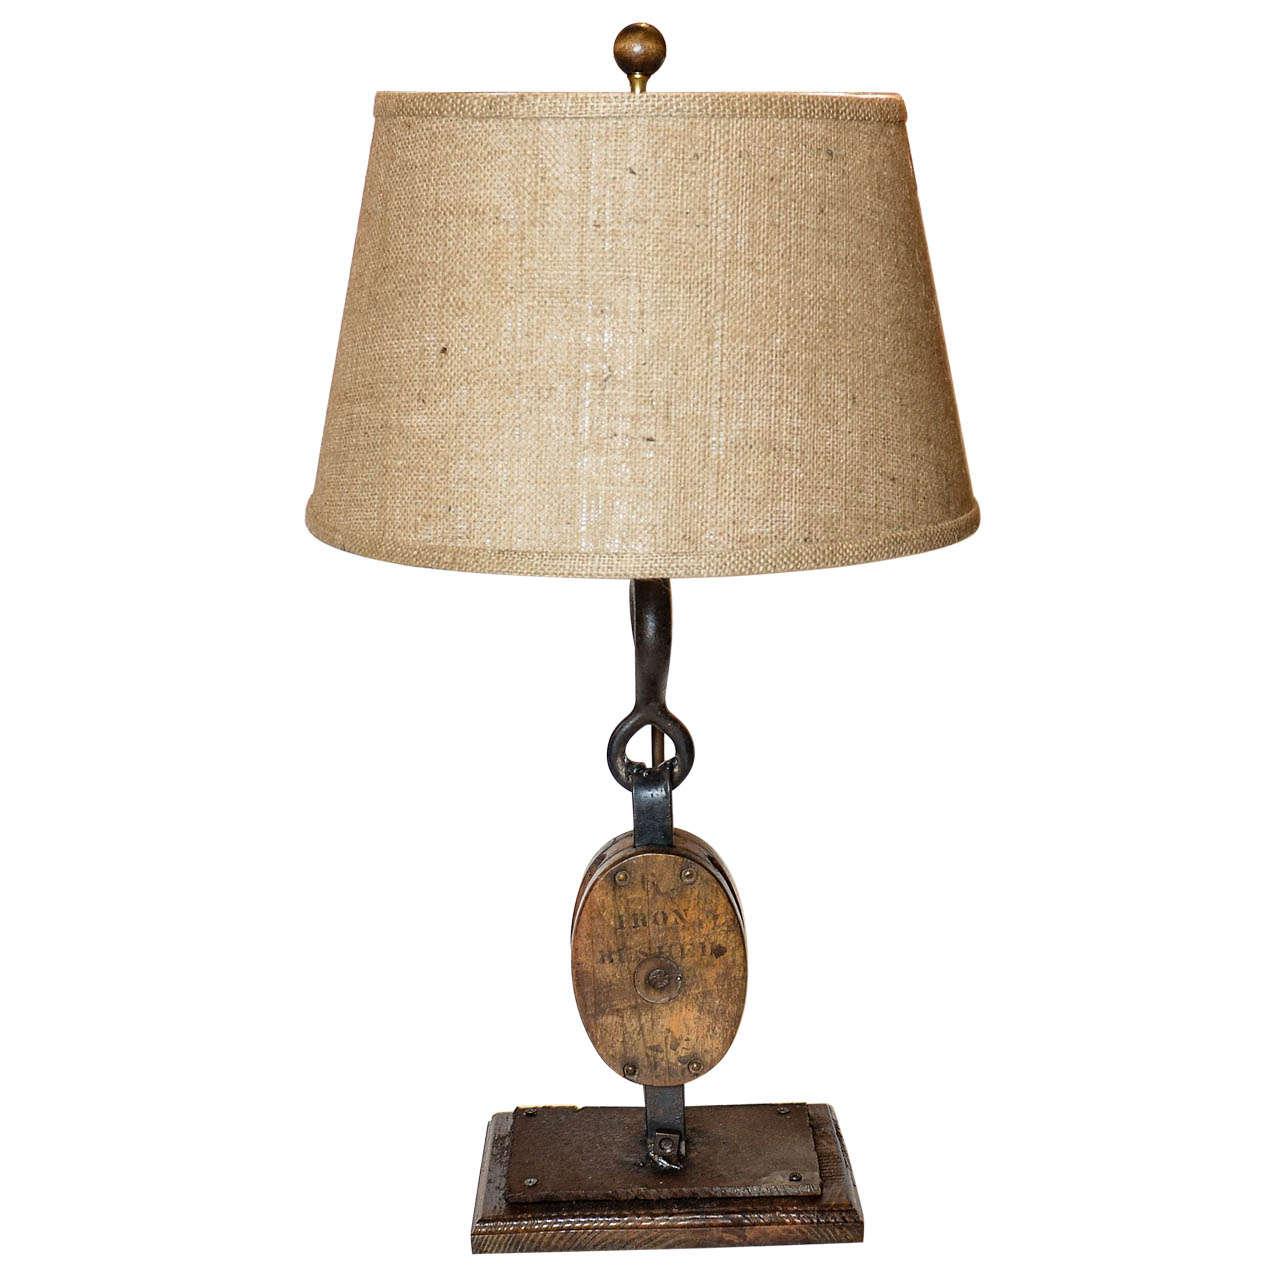 Block and Tackle Lamp at 1stdibs